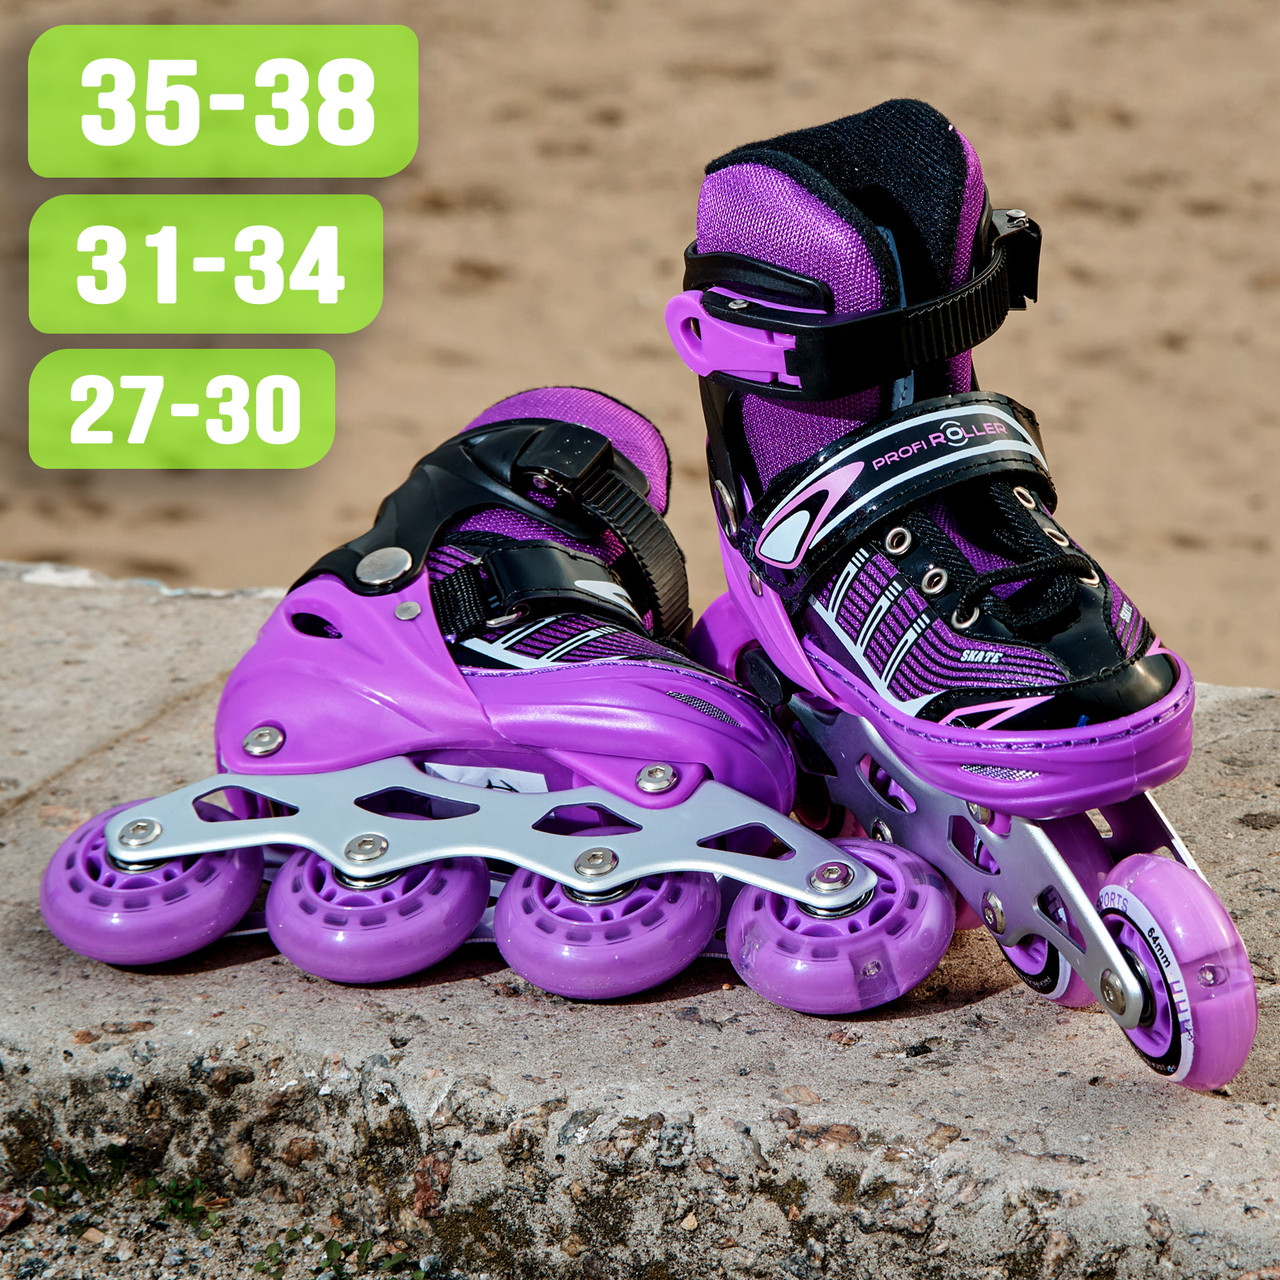 Дитячі ролики розсувні ROLLER SPORT 2566 (35-38) Фіолетові колеса 70мм (27-30; 31-34; 35-38)